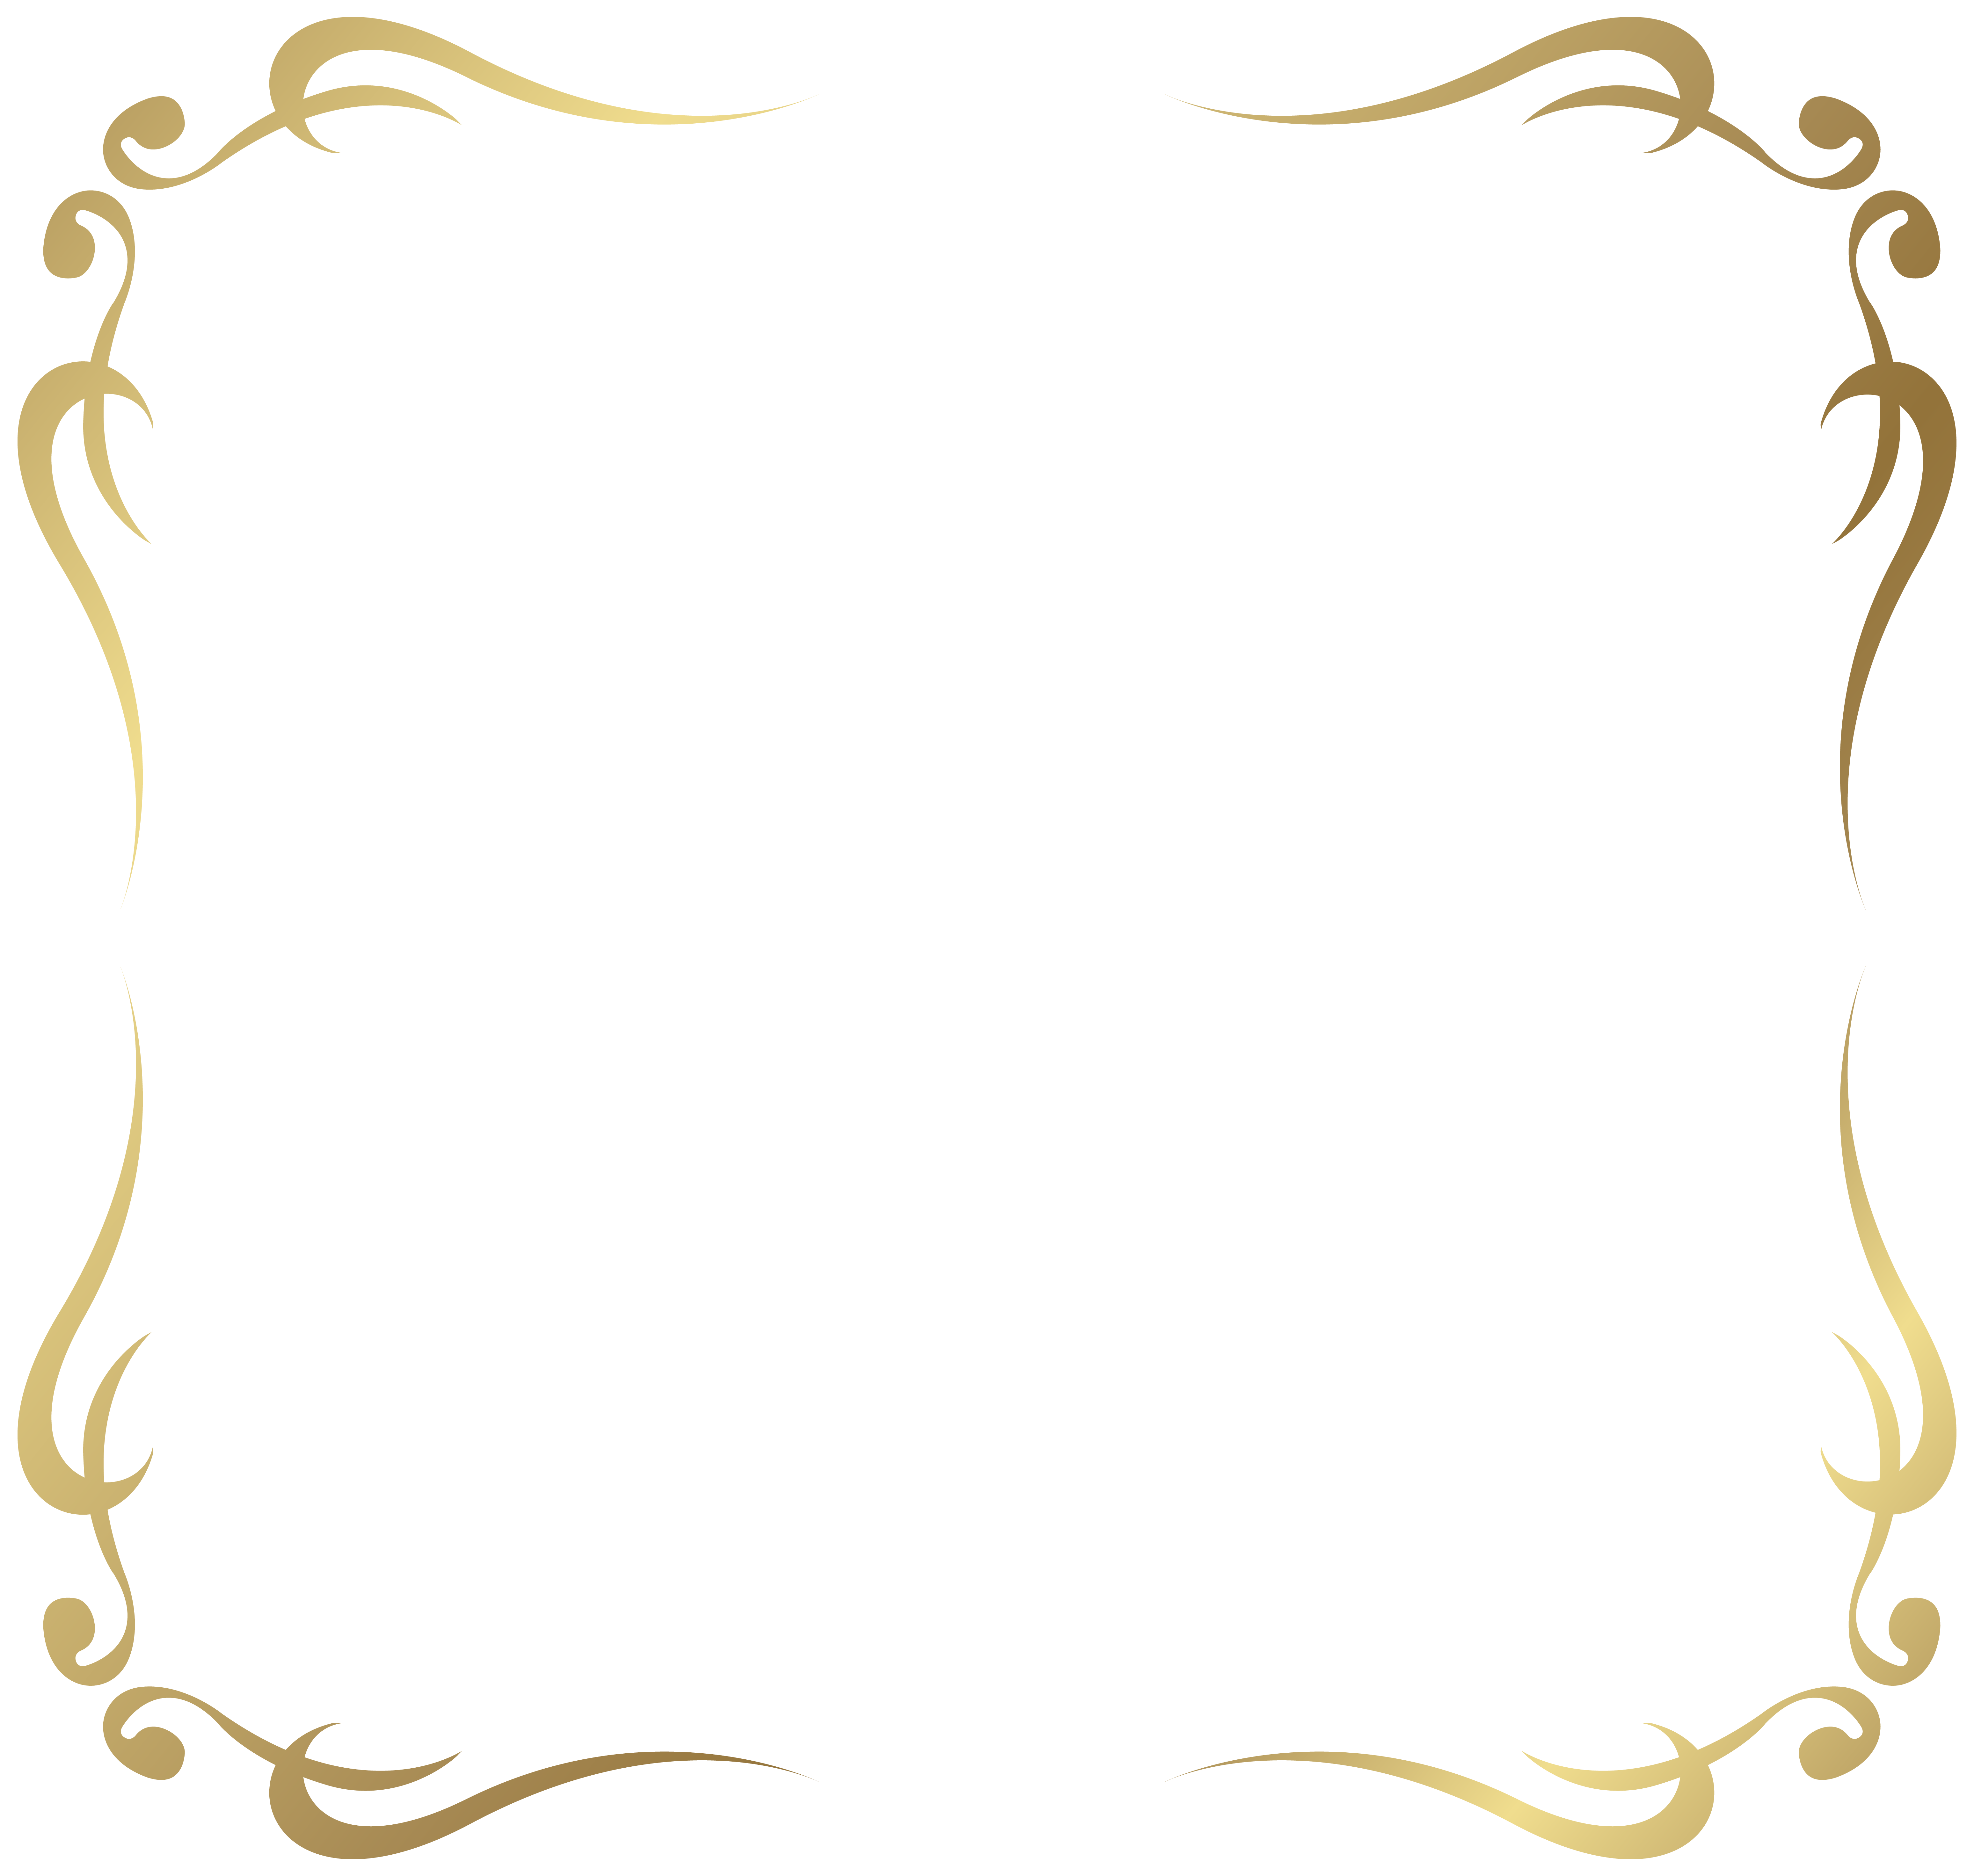 Deco Frame Border Golden Png Elegant Gold Page Borders 5487937 Gold Frame Gold Border Frame